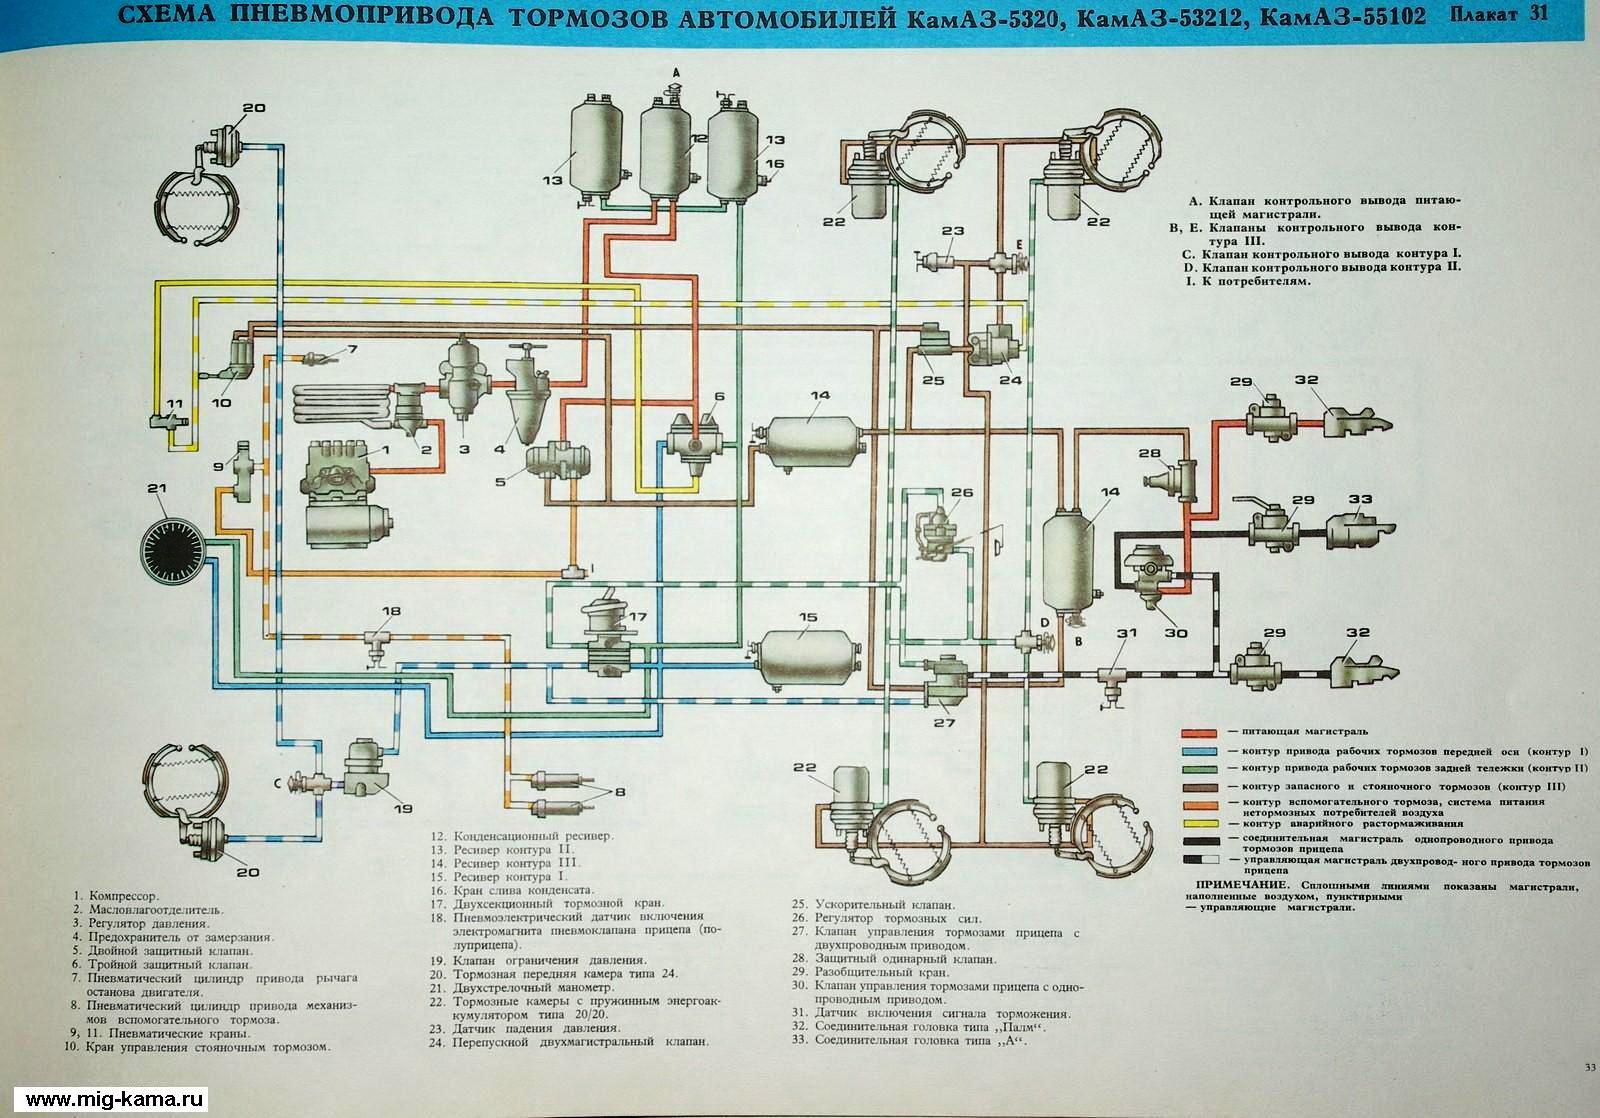 Перейти на главную страницу.  Установка аппаратов пневмоприводов тормозов автомобиля КамАЗ.